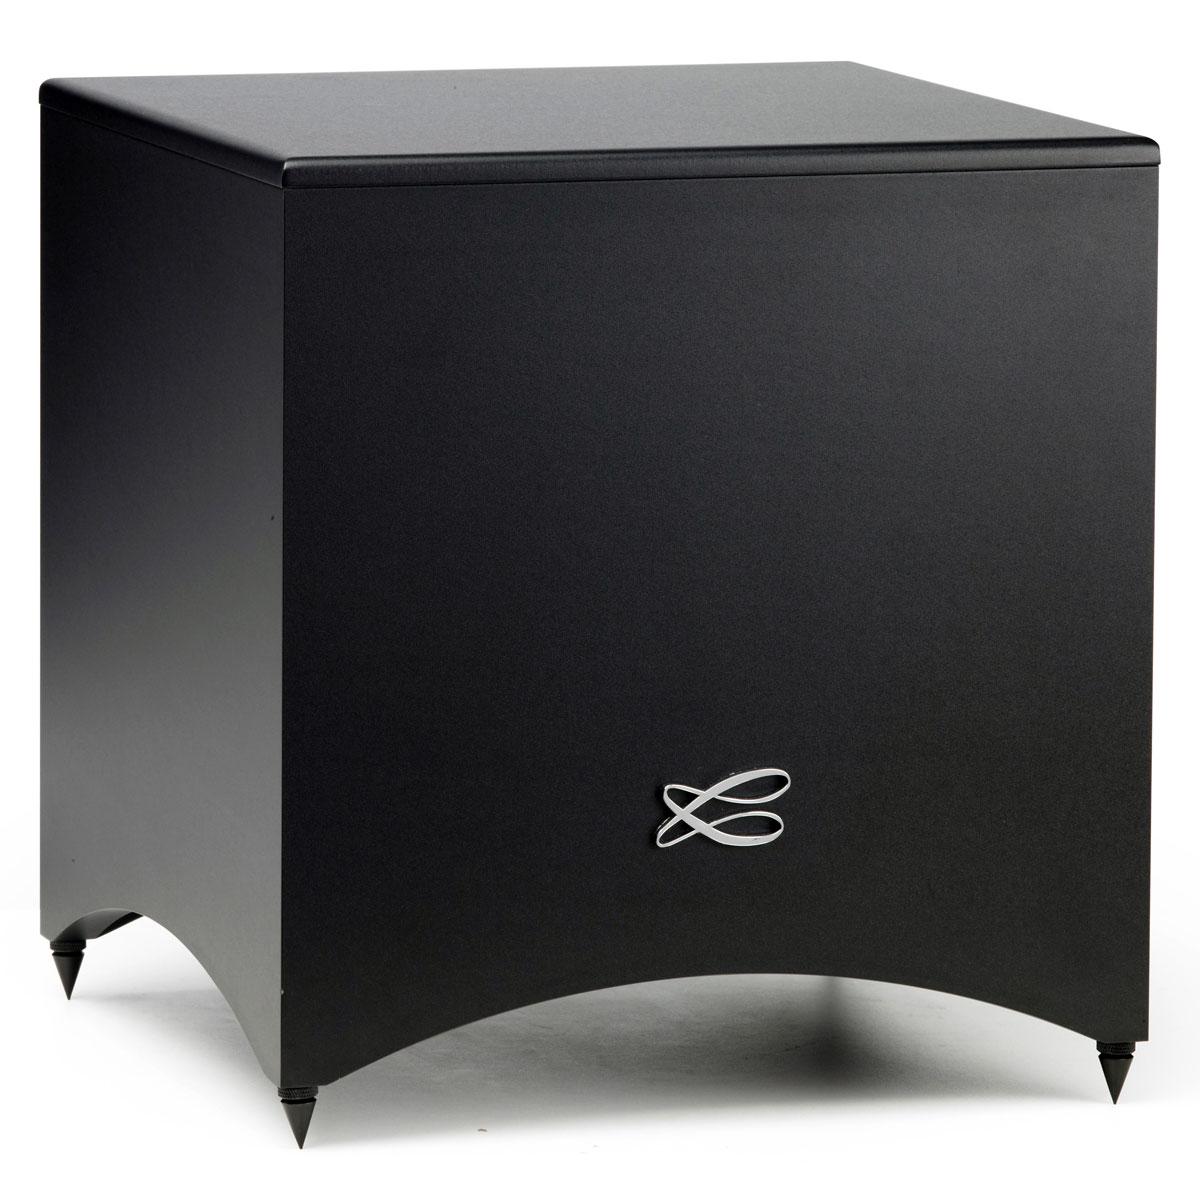 cabasse santorin 17m2 noir enceintes hifi cabasse sur. Black Bedroom Furniture Sets. Home Design Ideas